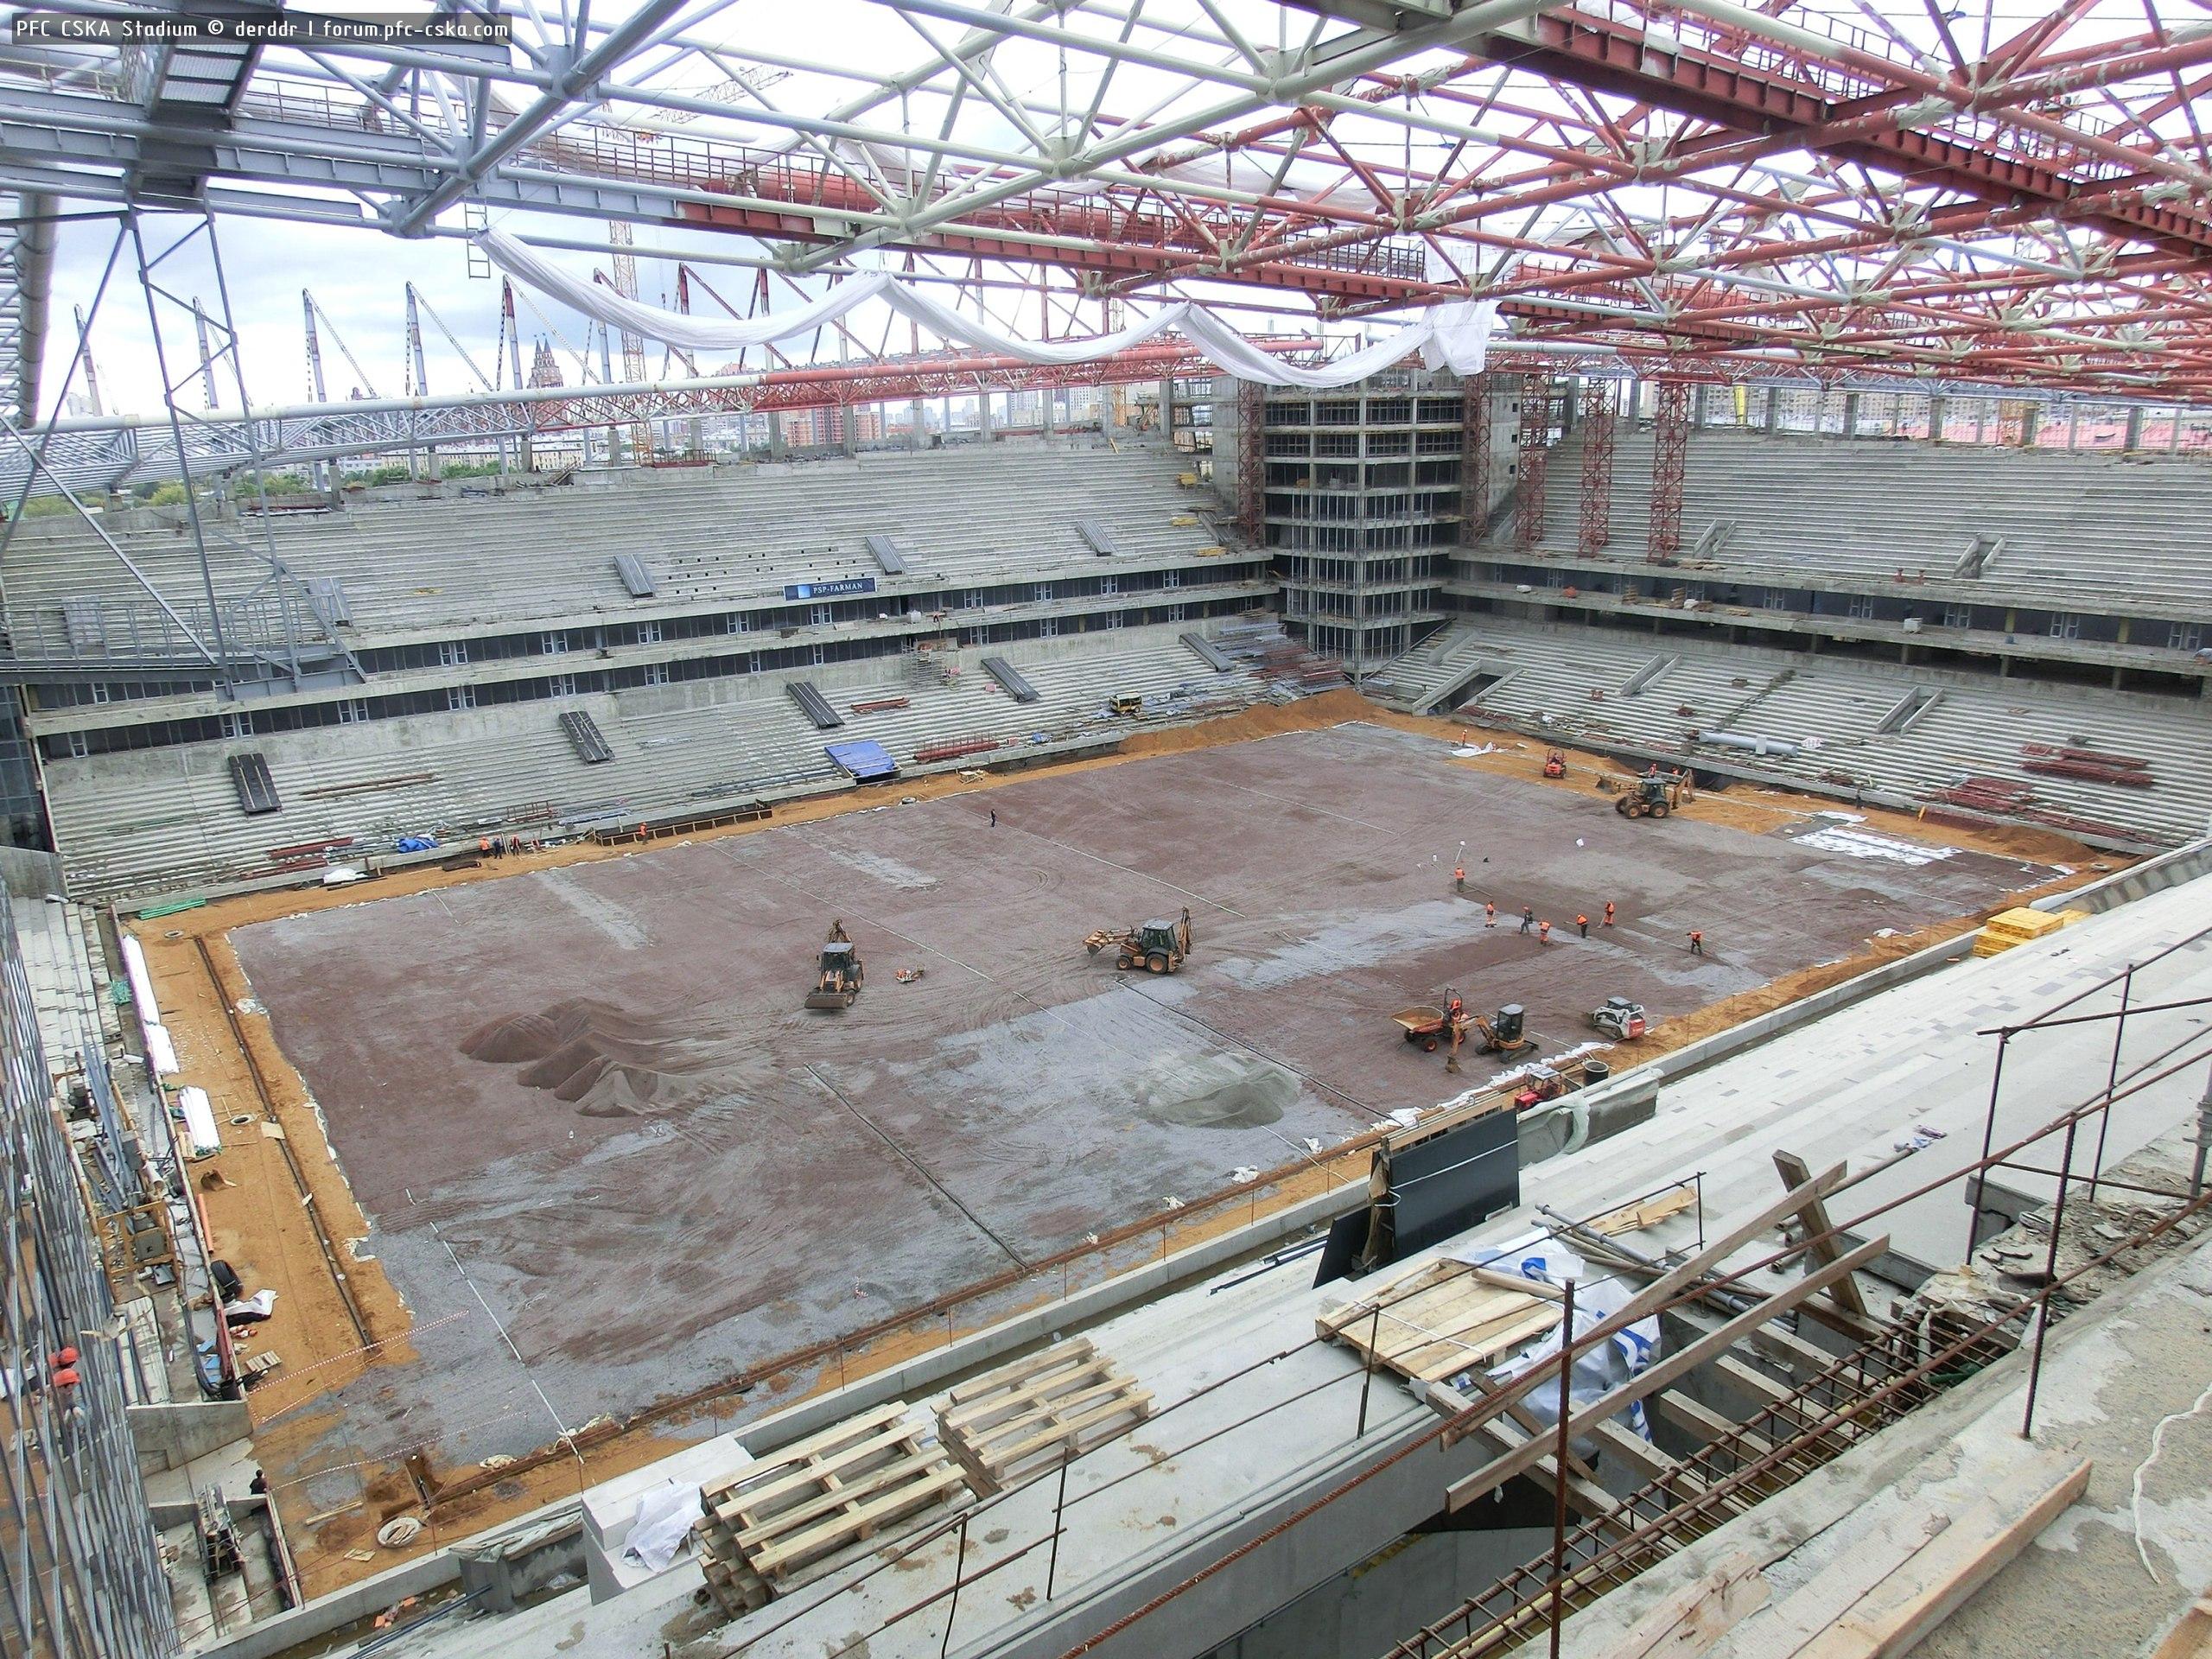 stadium_cska_18